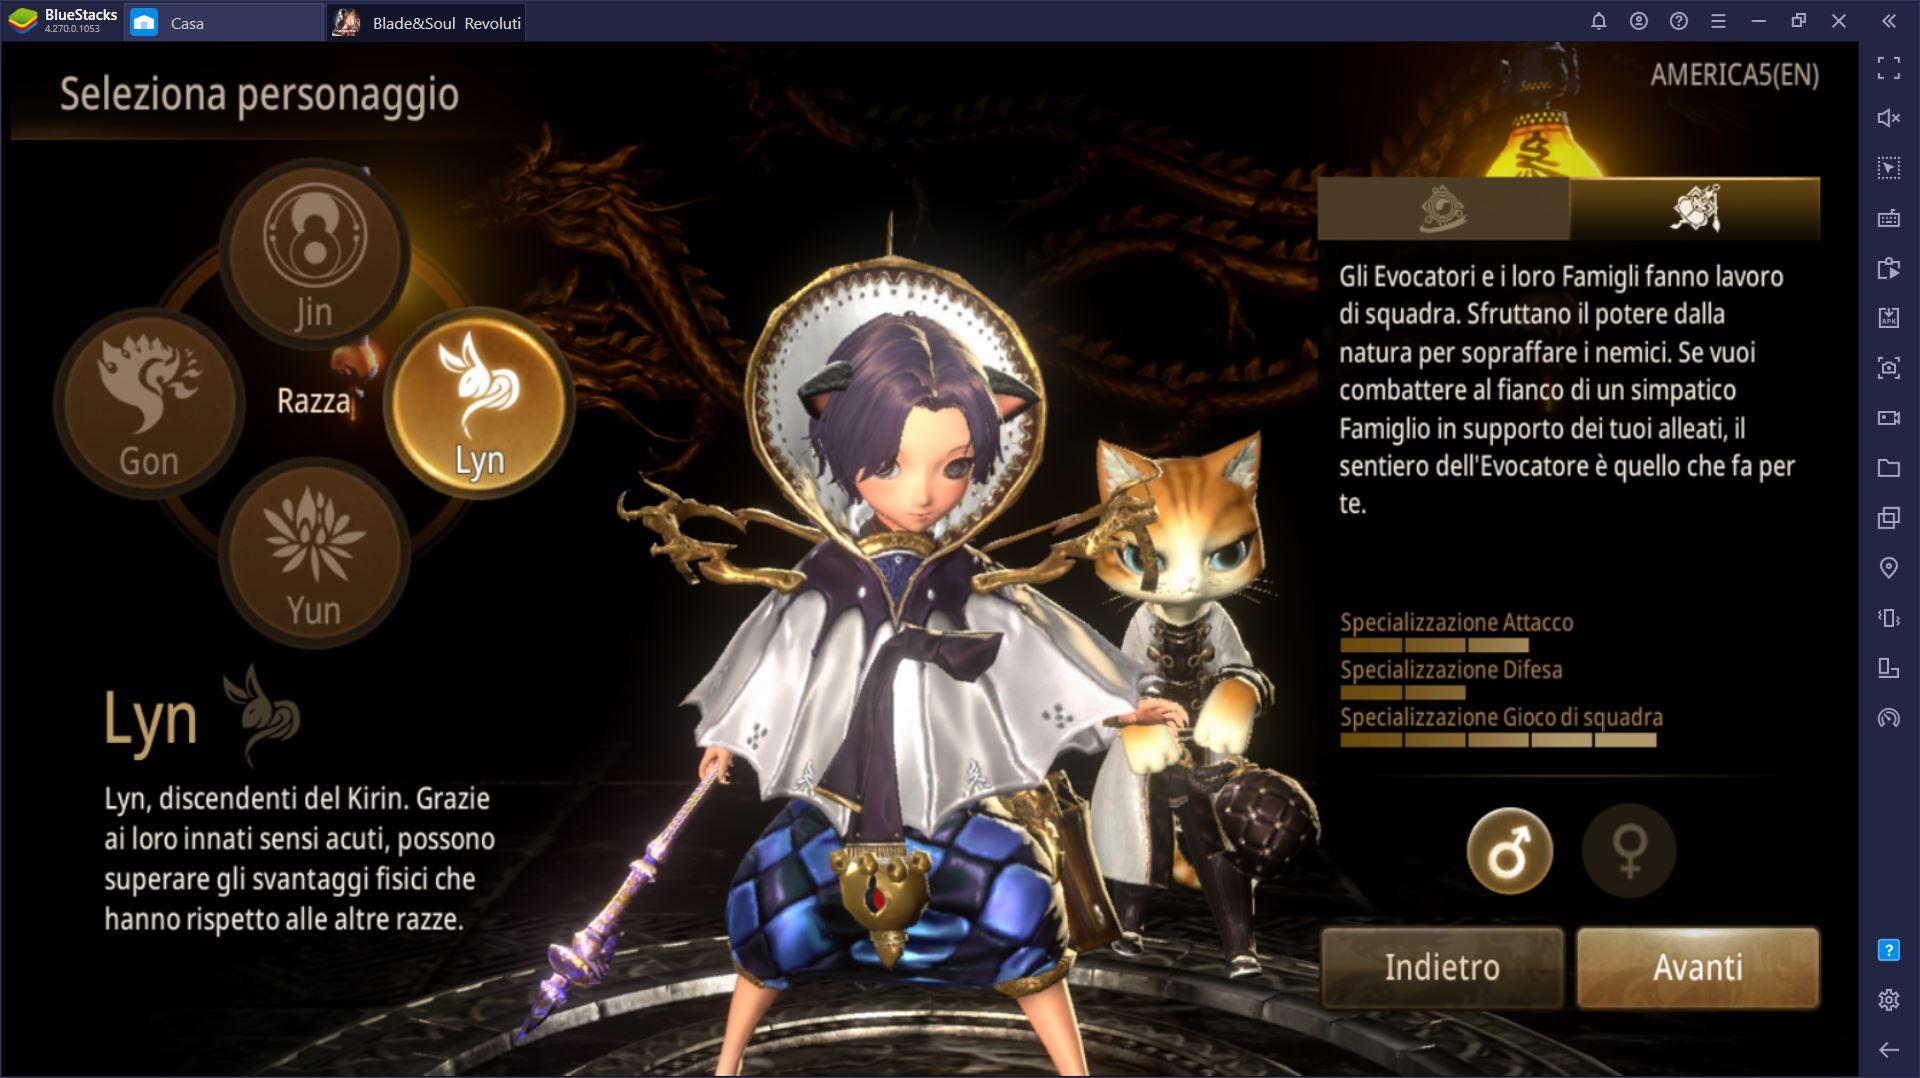 Come giocare Blade and Soul: Revolution su PC con BlueStacks